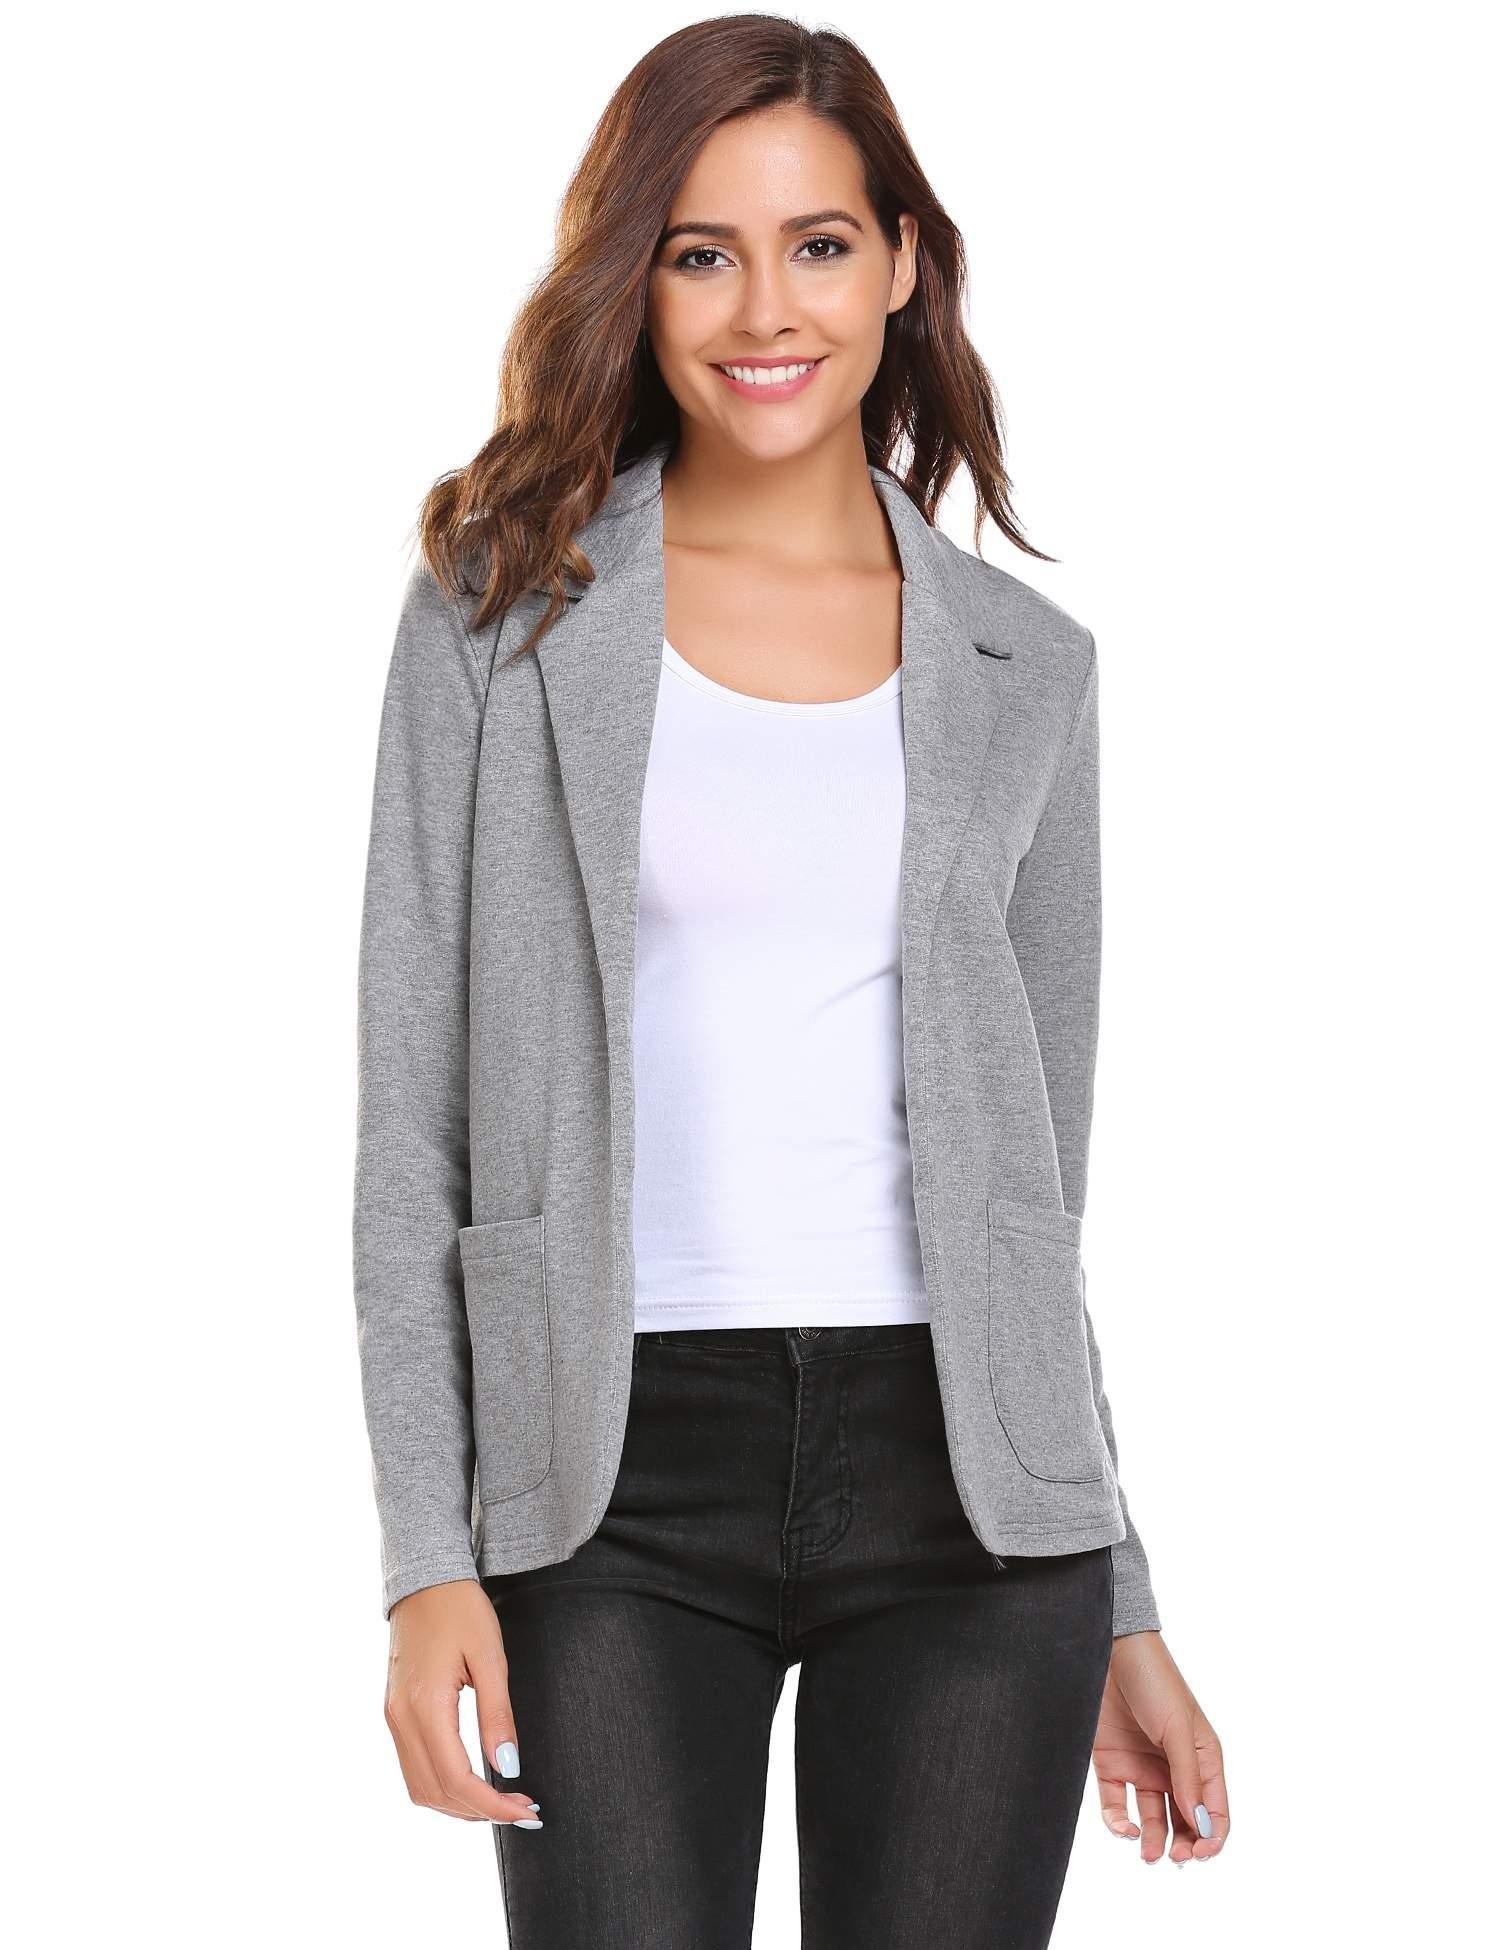 Zeagoo Women Casual Long Sleeve Blazer Open Front Cardigan Jacket Work Office Blazer Grey XL